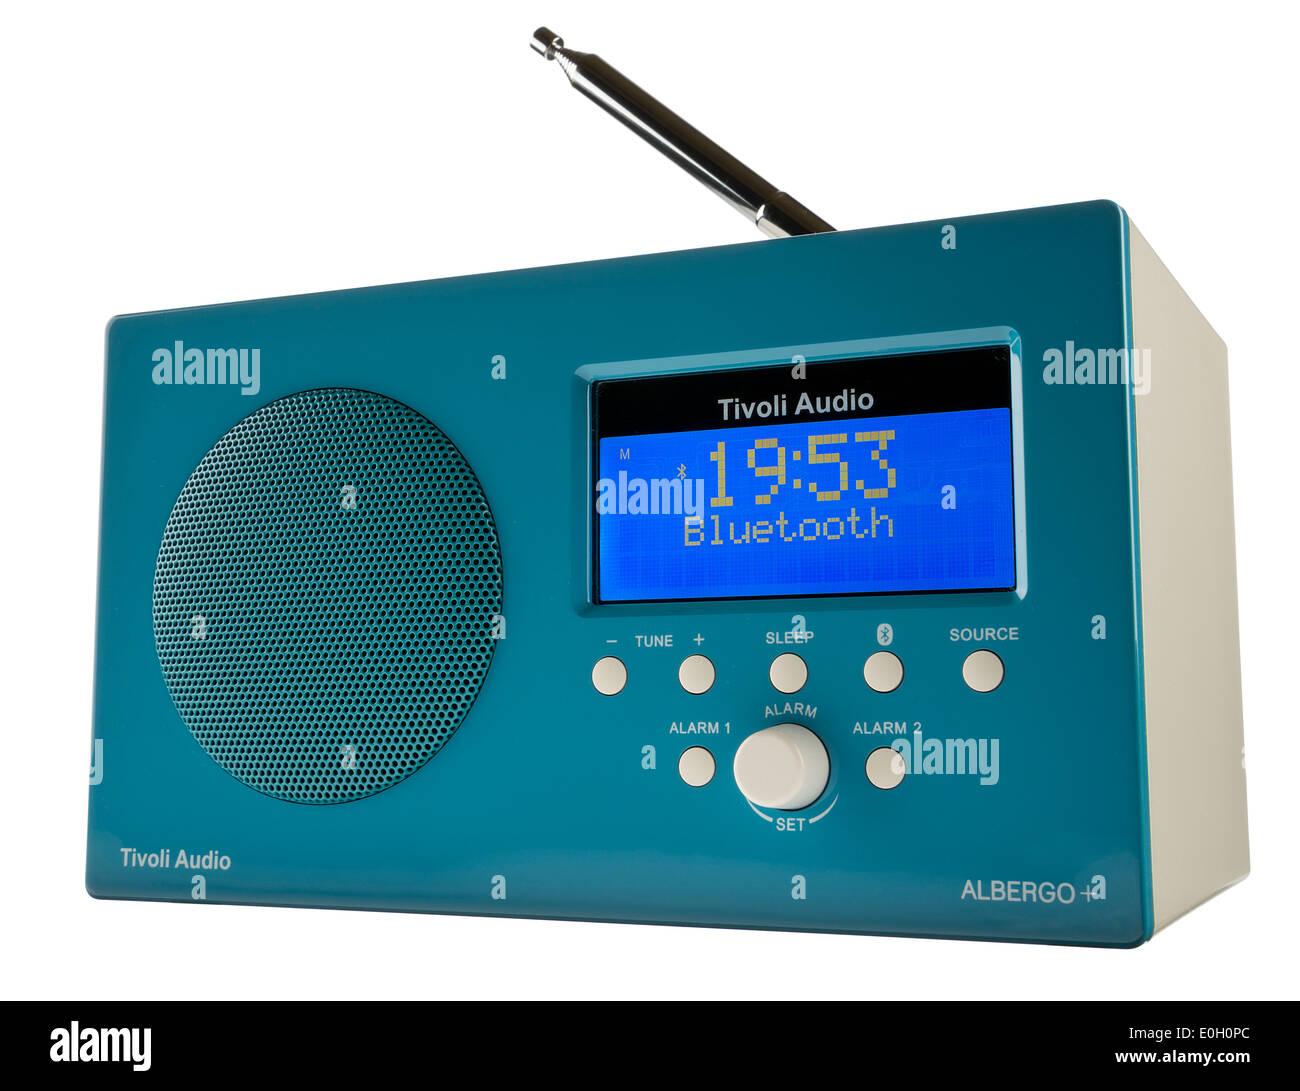 Tivoli Audio Albergo DAB clock radio with bluetooth. - Stock Image